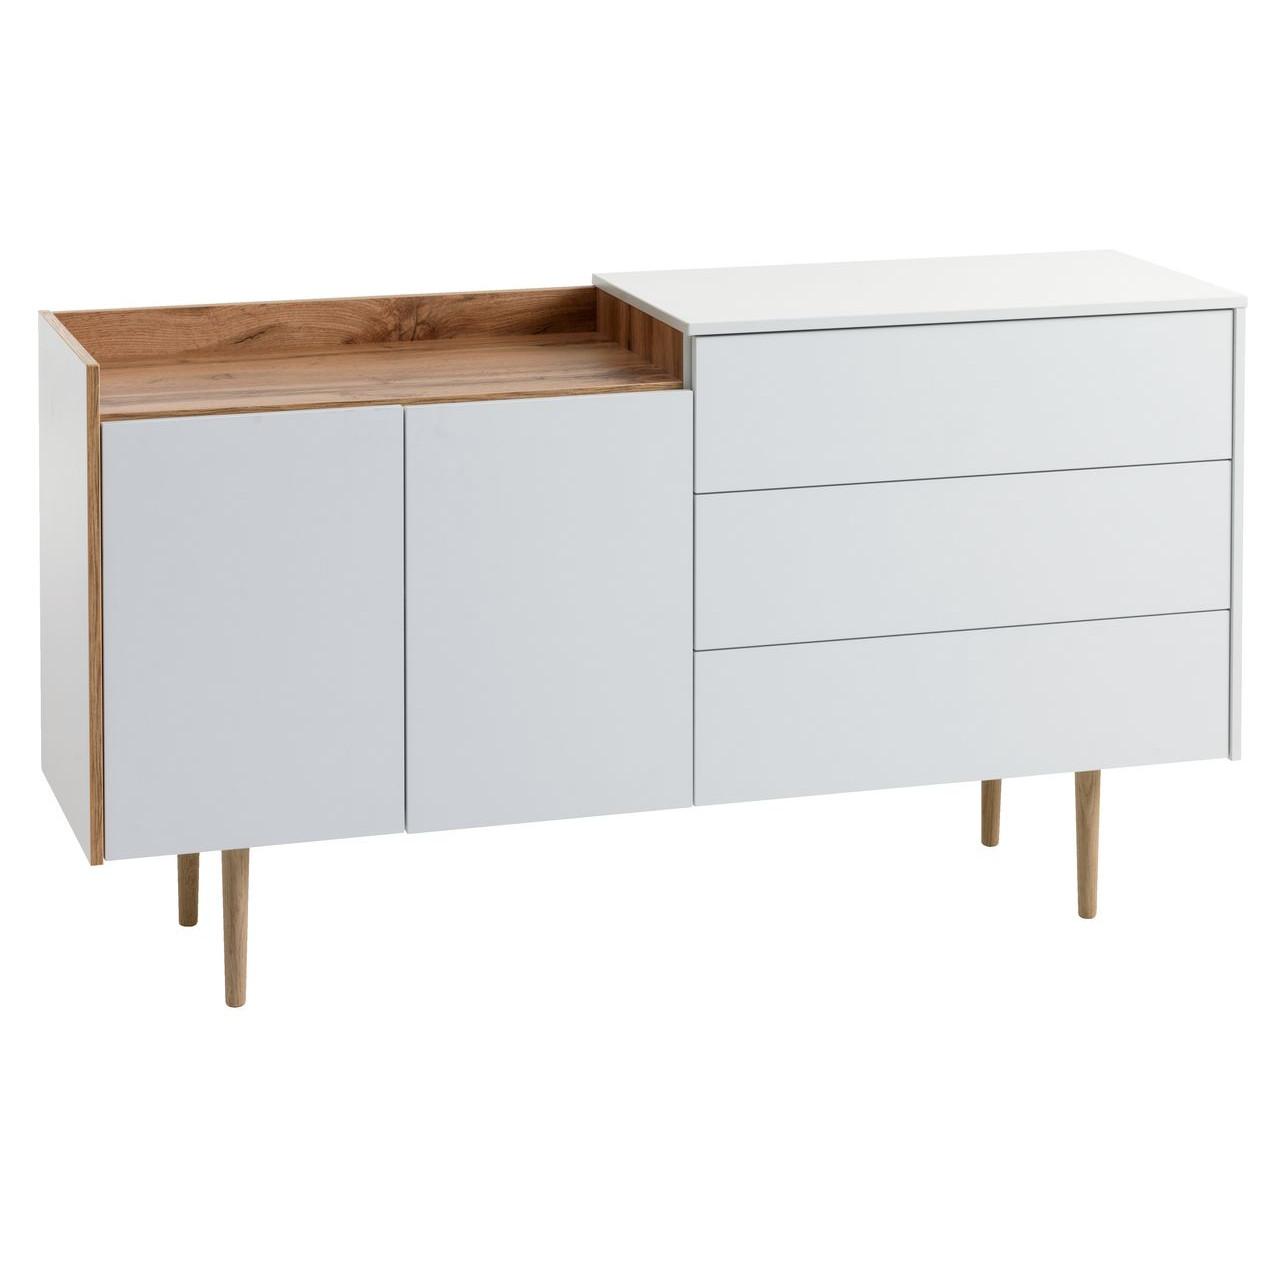 Tủ chén đĩa JYSK Aarup gỗ công nghiệp trắng/sồi R148xS41xC81cm